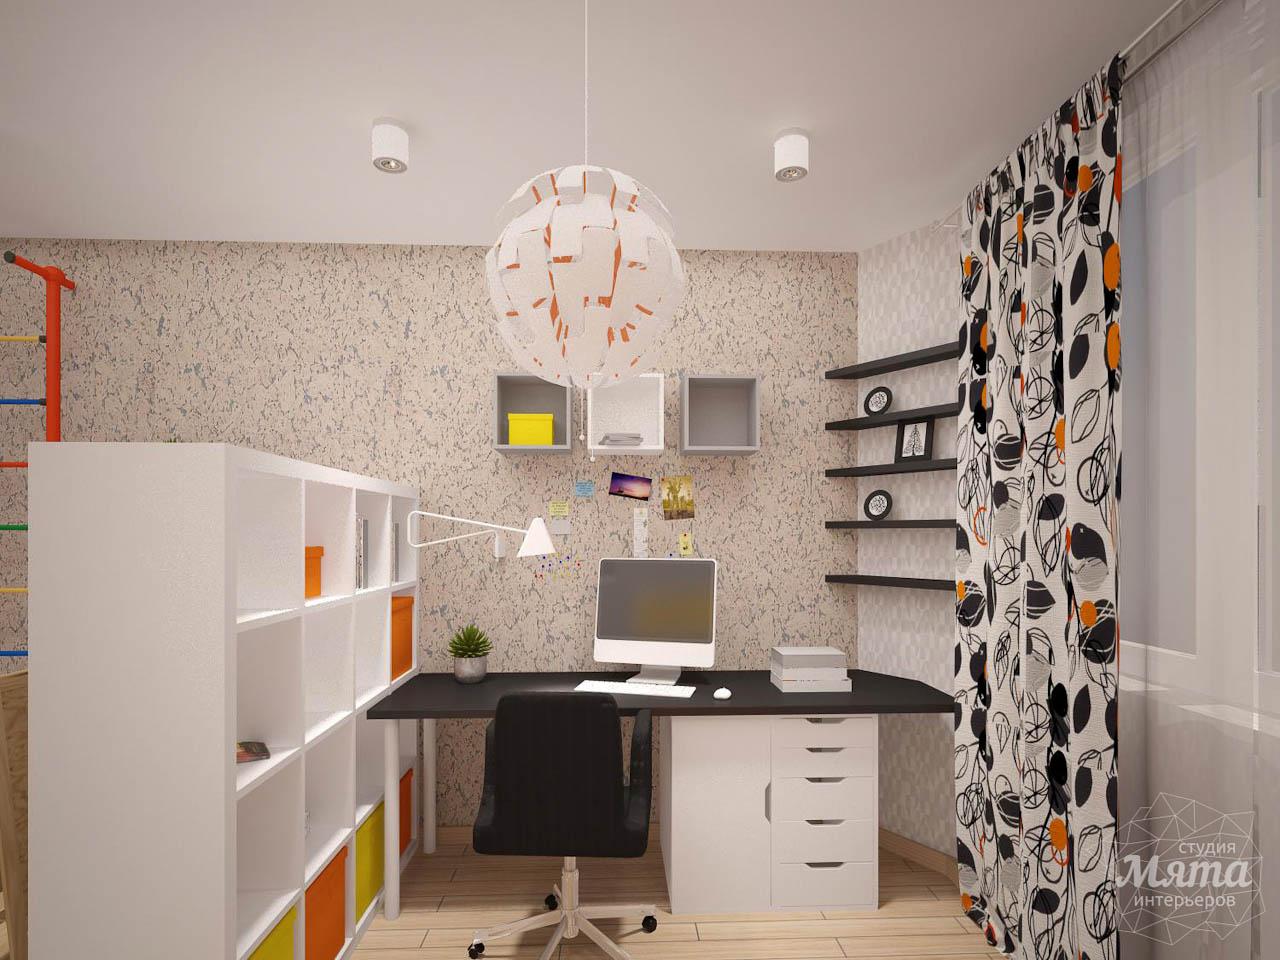 Дизайн интерьера однокомнатной квартиры в современном стиле по ул. Агрономическая 47 img818536714